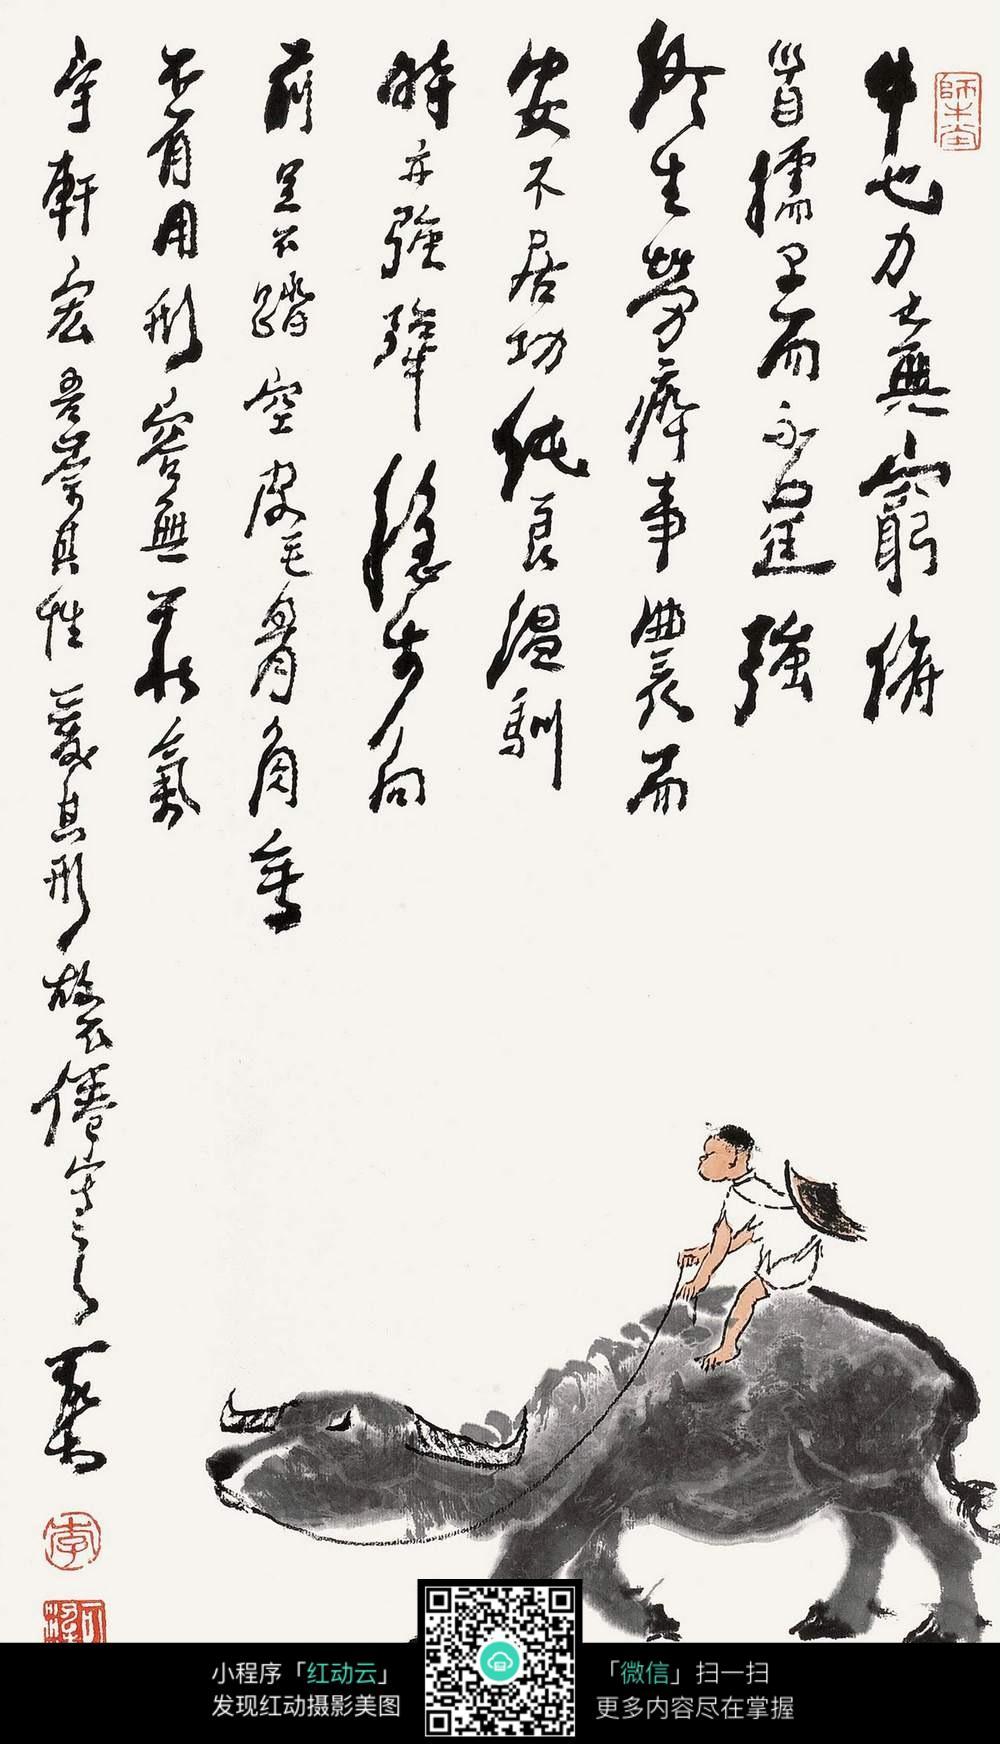 牧童 板书设计-老人与海鸥板书设计-给予是快乐的板书设计-古诗牧童板书设计-牧童板书设计图片